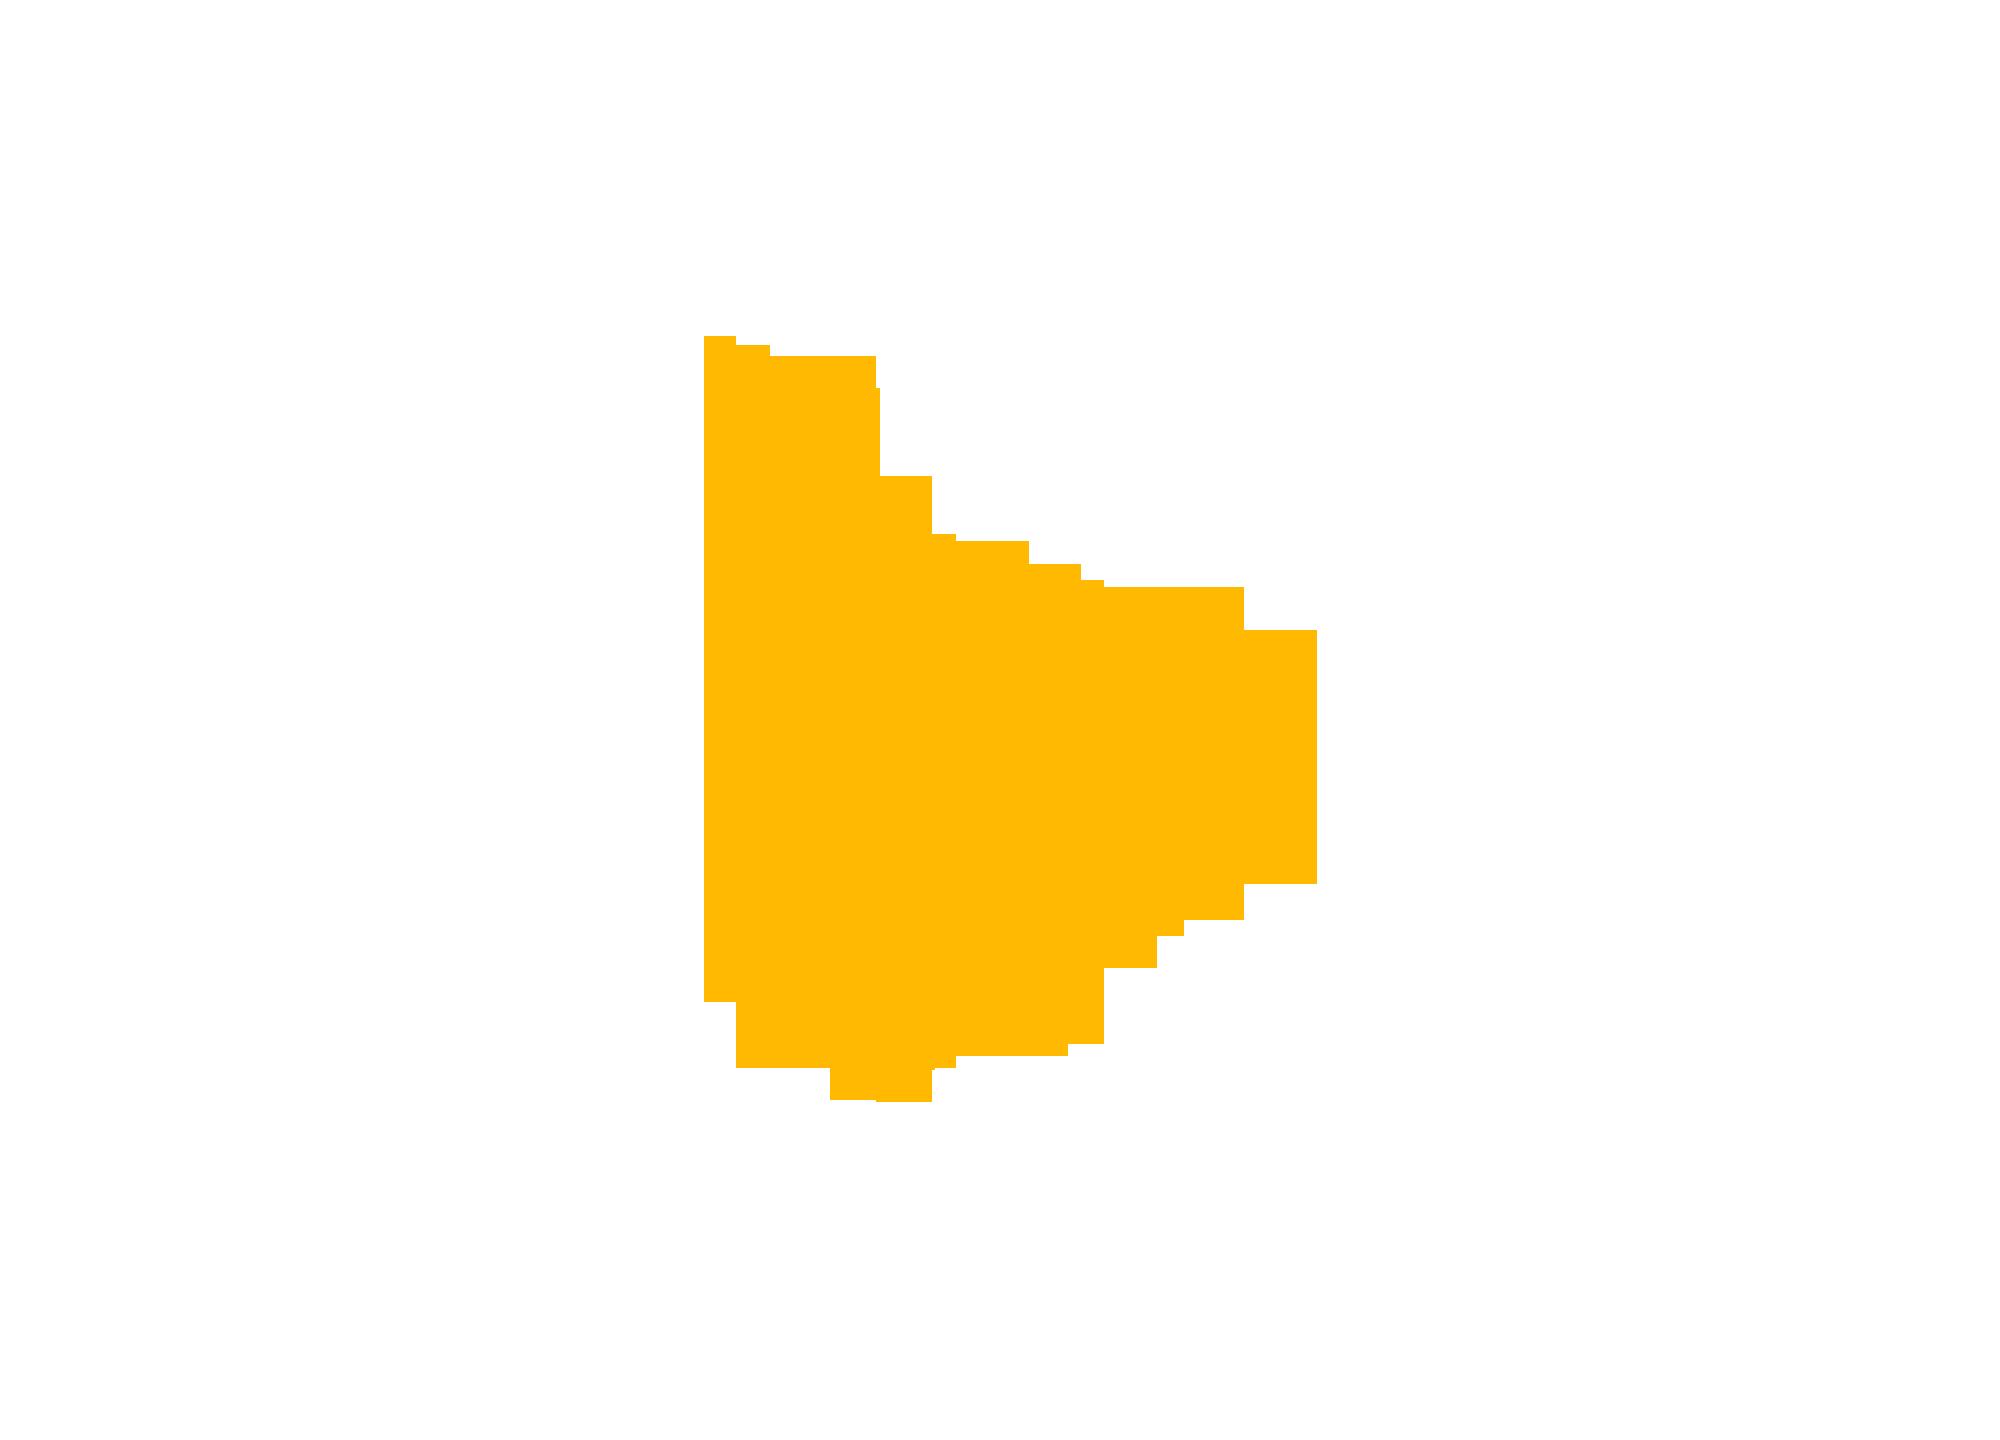 Logo Bing PNG - 31950